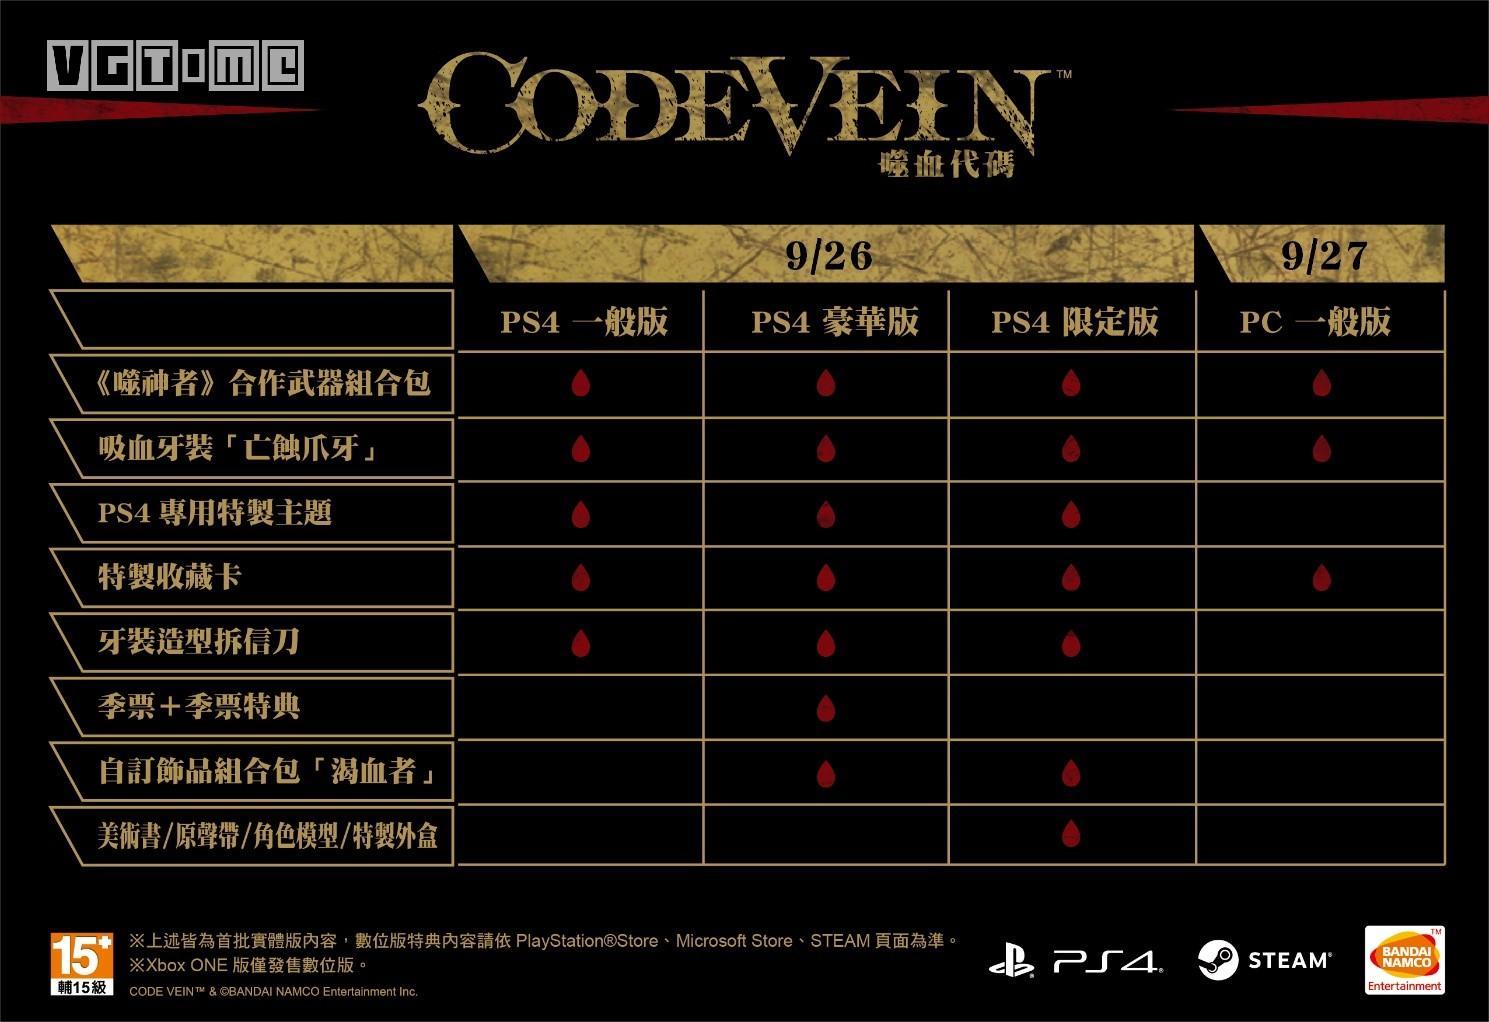 《噬血代码》中文版将与其他版本同步推出